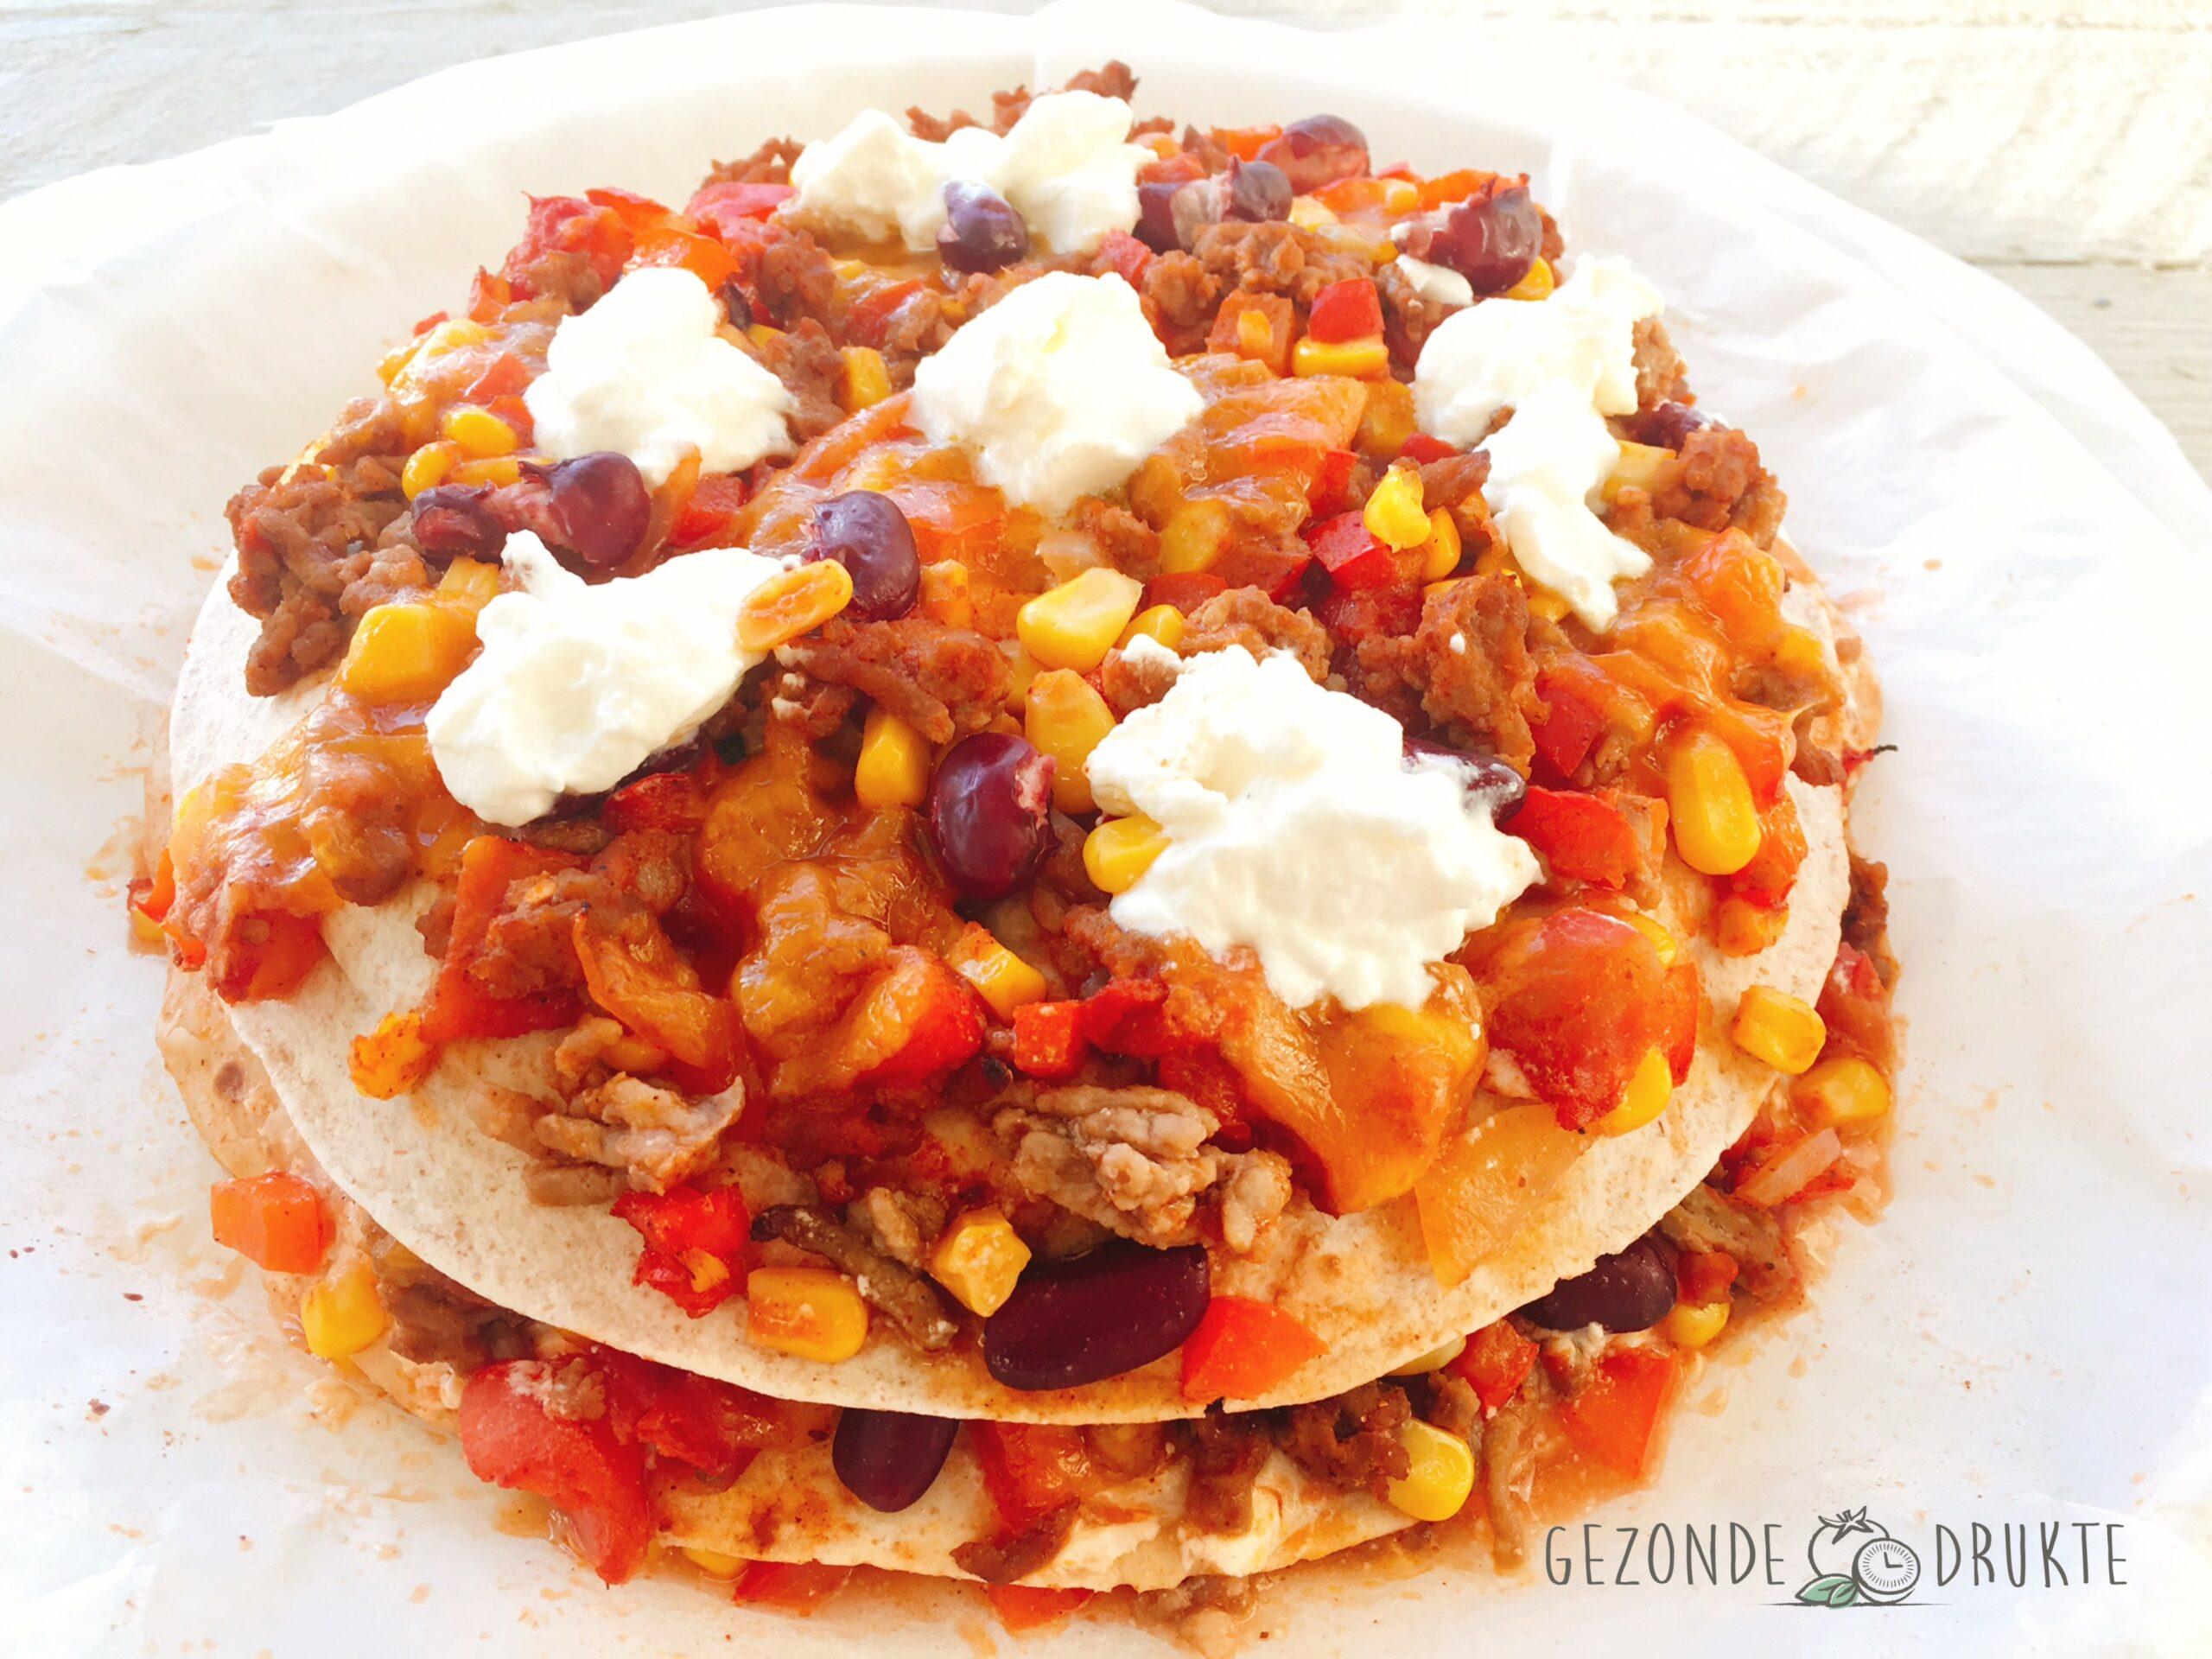 Tortillataart uit Mexico gezonde drukte Mexicaans